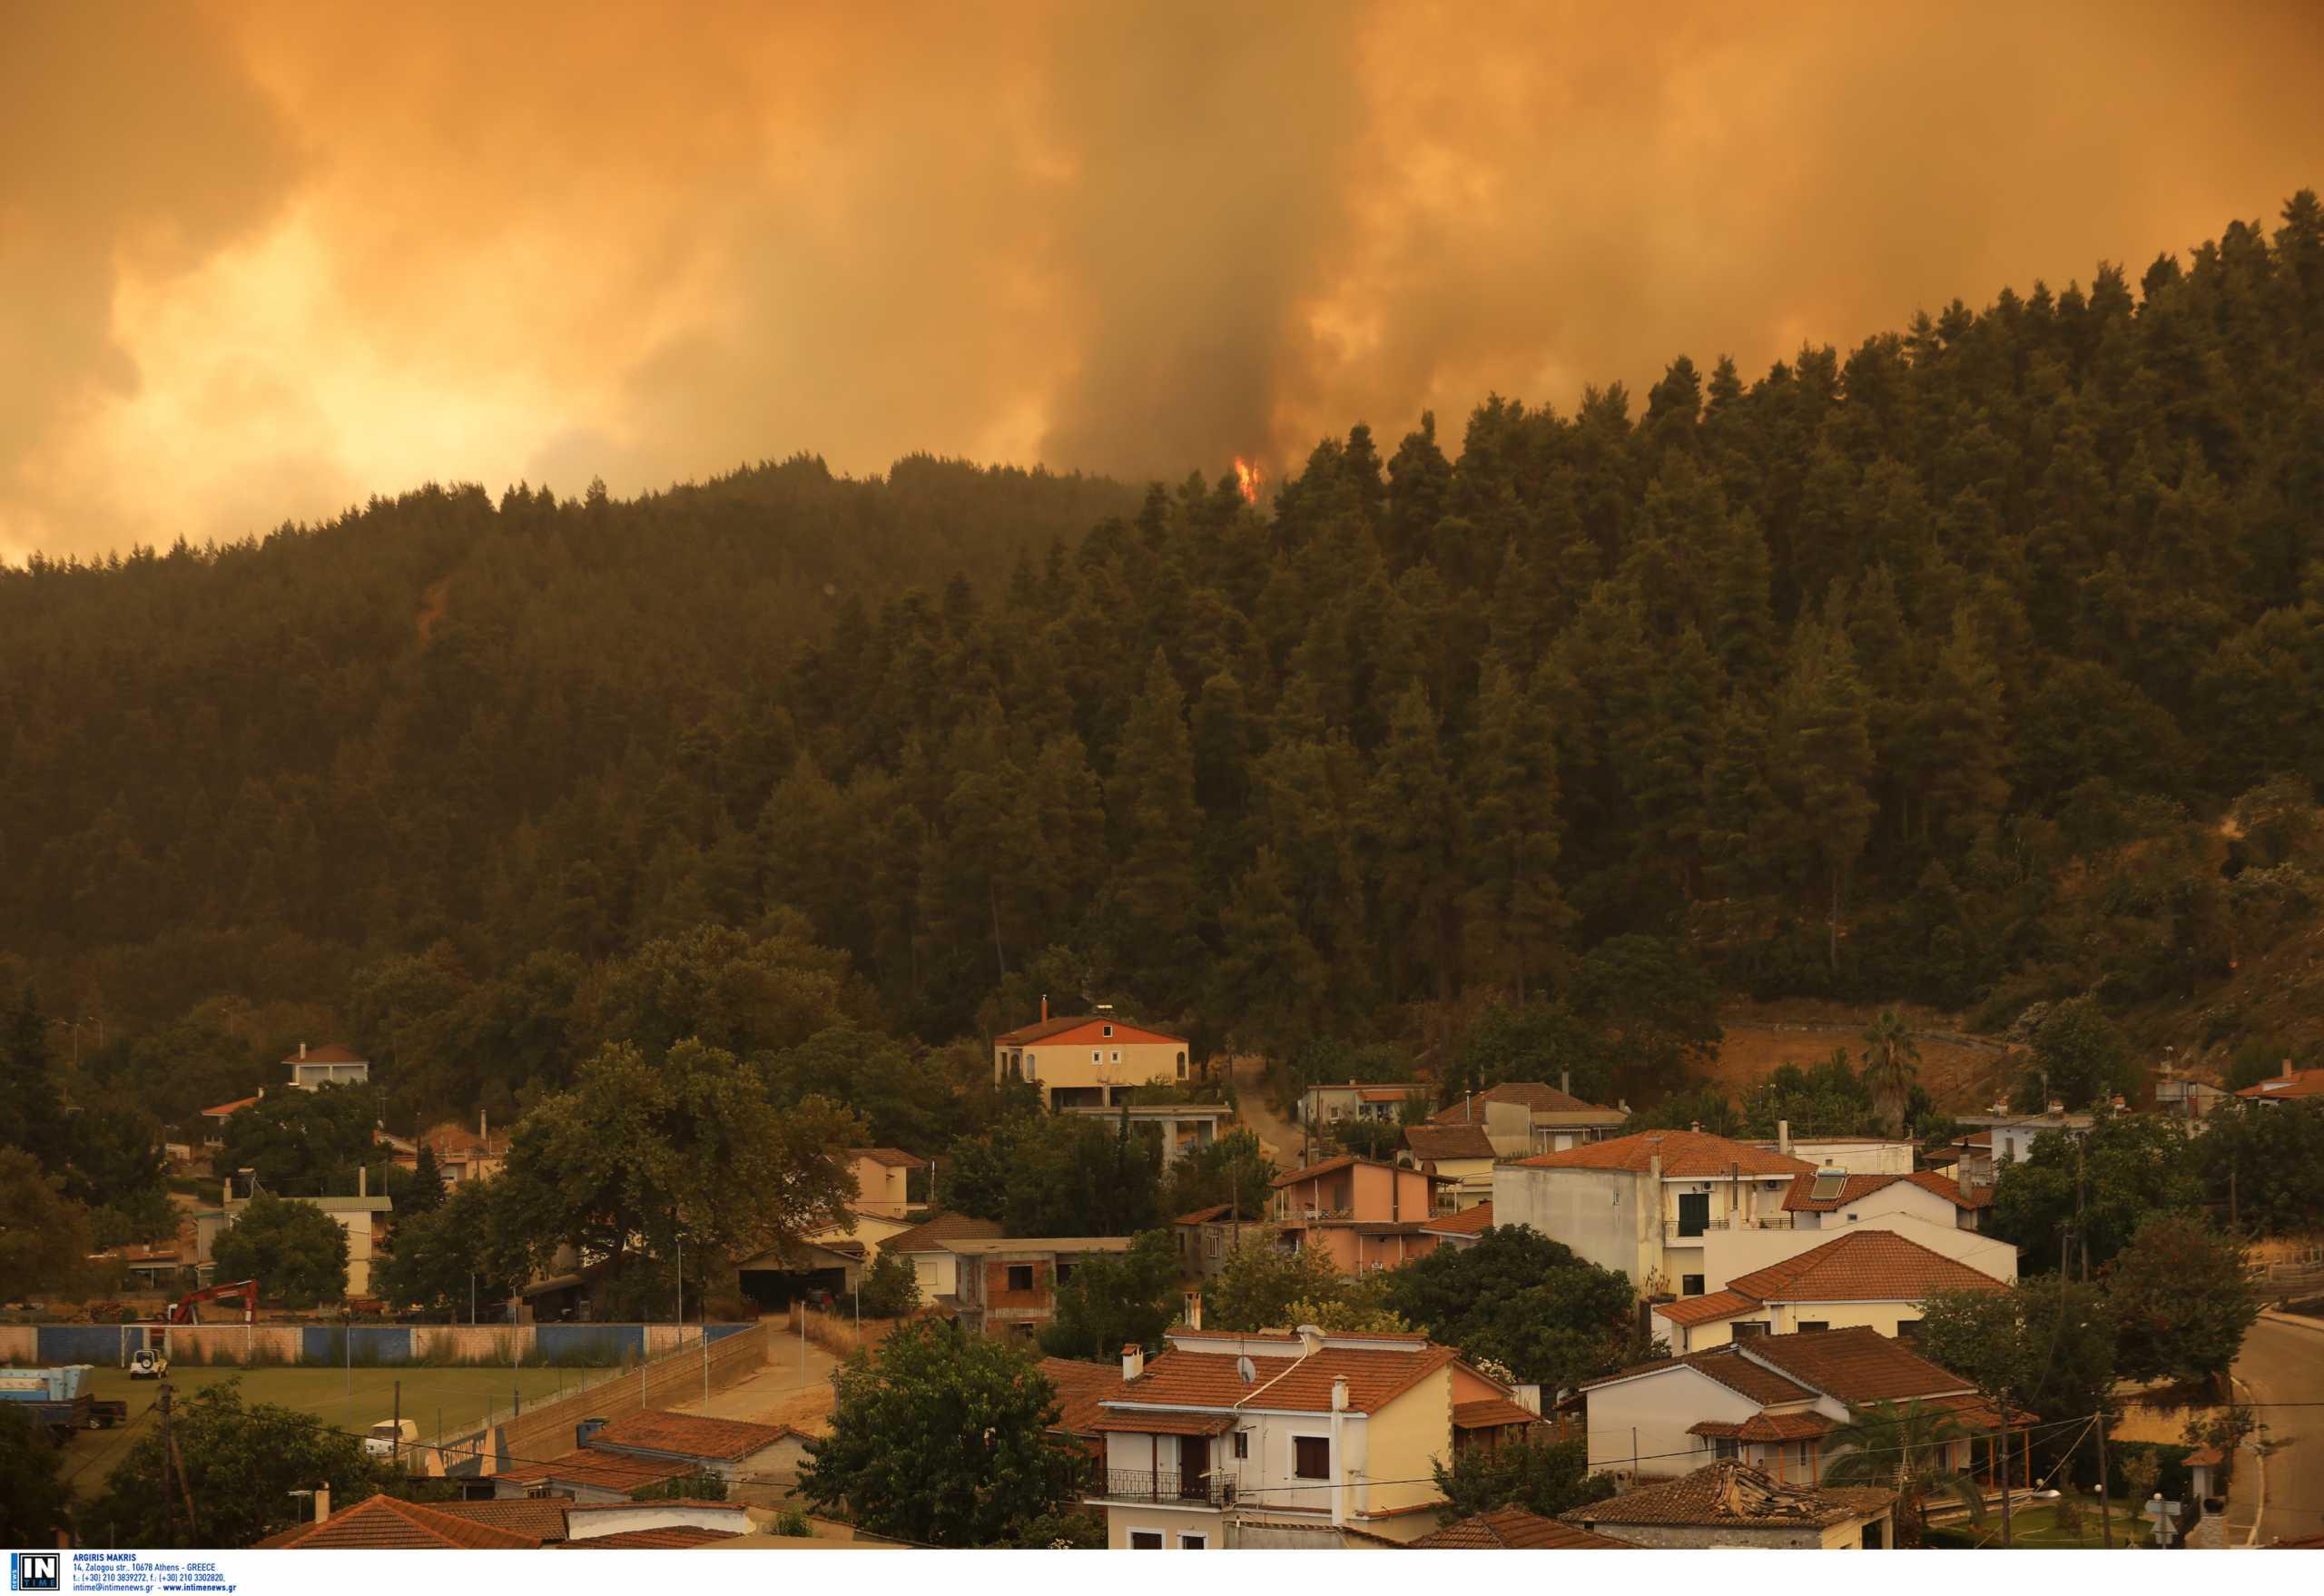 Φωτιά στην Εύβοια: Στο πλευρό των πληγέντων η Σκιάθος – Φιλοξενούνται πυρόπληκτοι, στέλνονται τρόφιμα